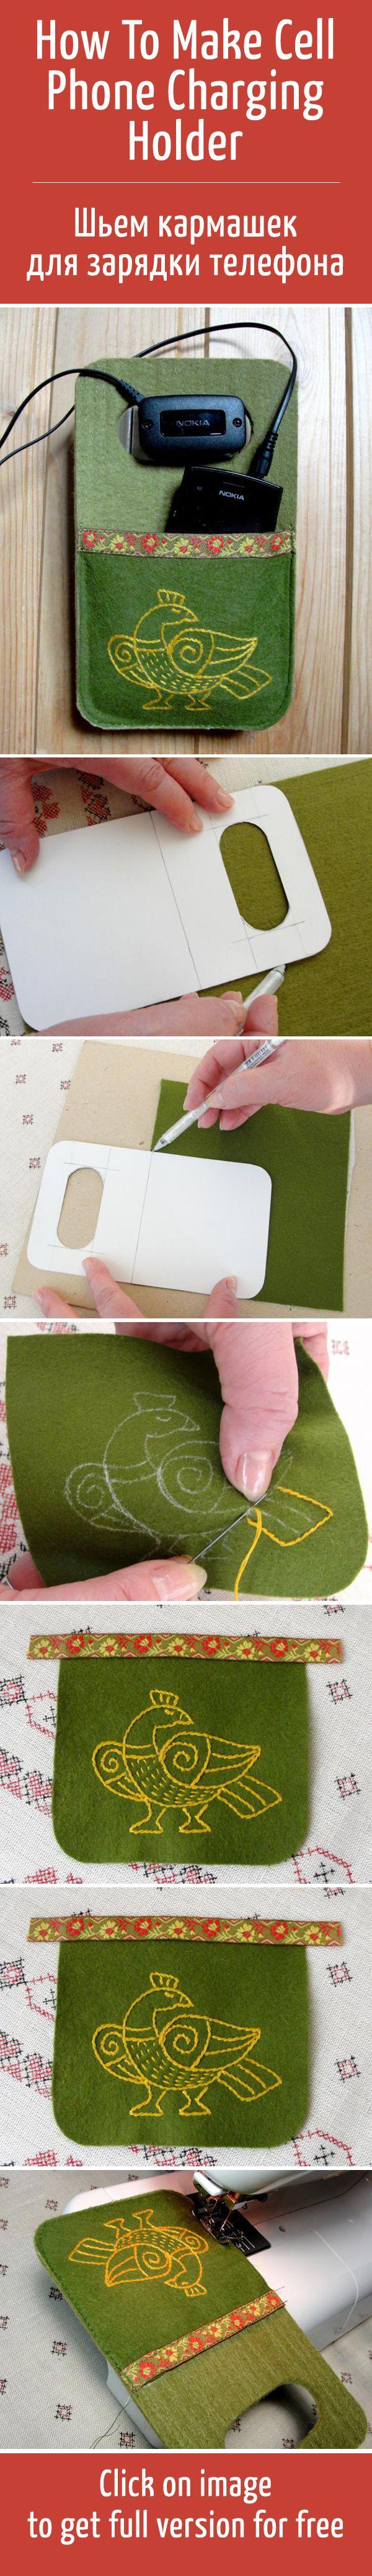 Шьем удобный кармашек для зарядки телефона / How To Make Cell Phone Charging Holder